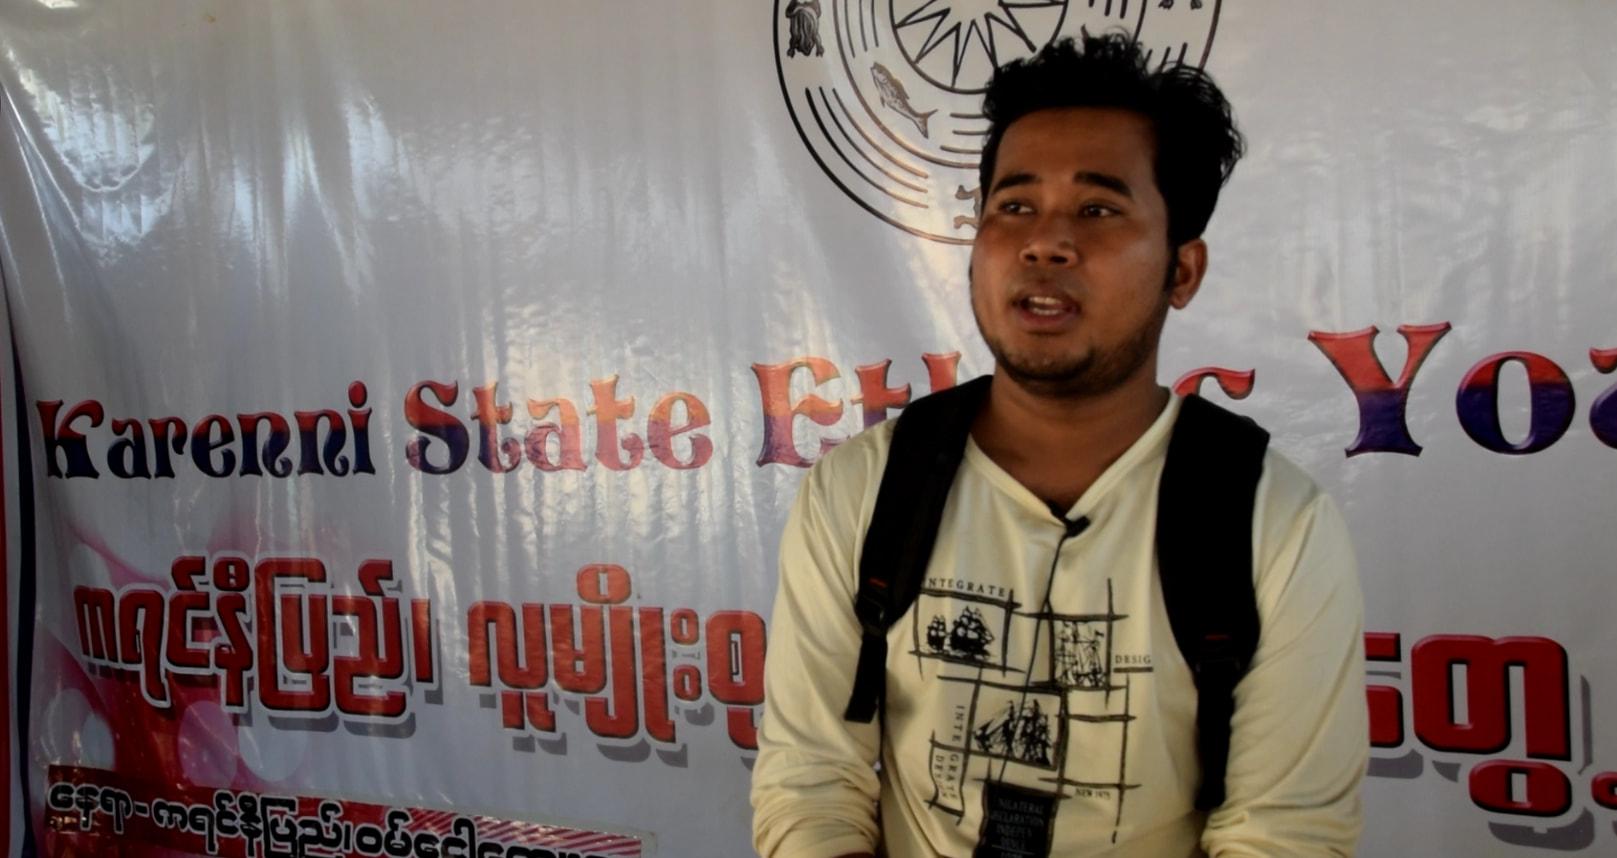 NLD အစိုးရနဲ့ တိုင်းရင်းသားလက်နက်ကိုင်အပေါ် ကရင်နီလူမျိုးစု လူငယ်ထုများရဲ့ အမြင်